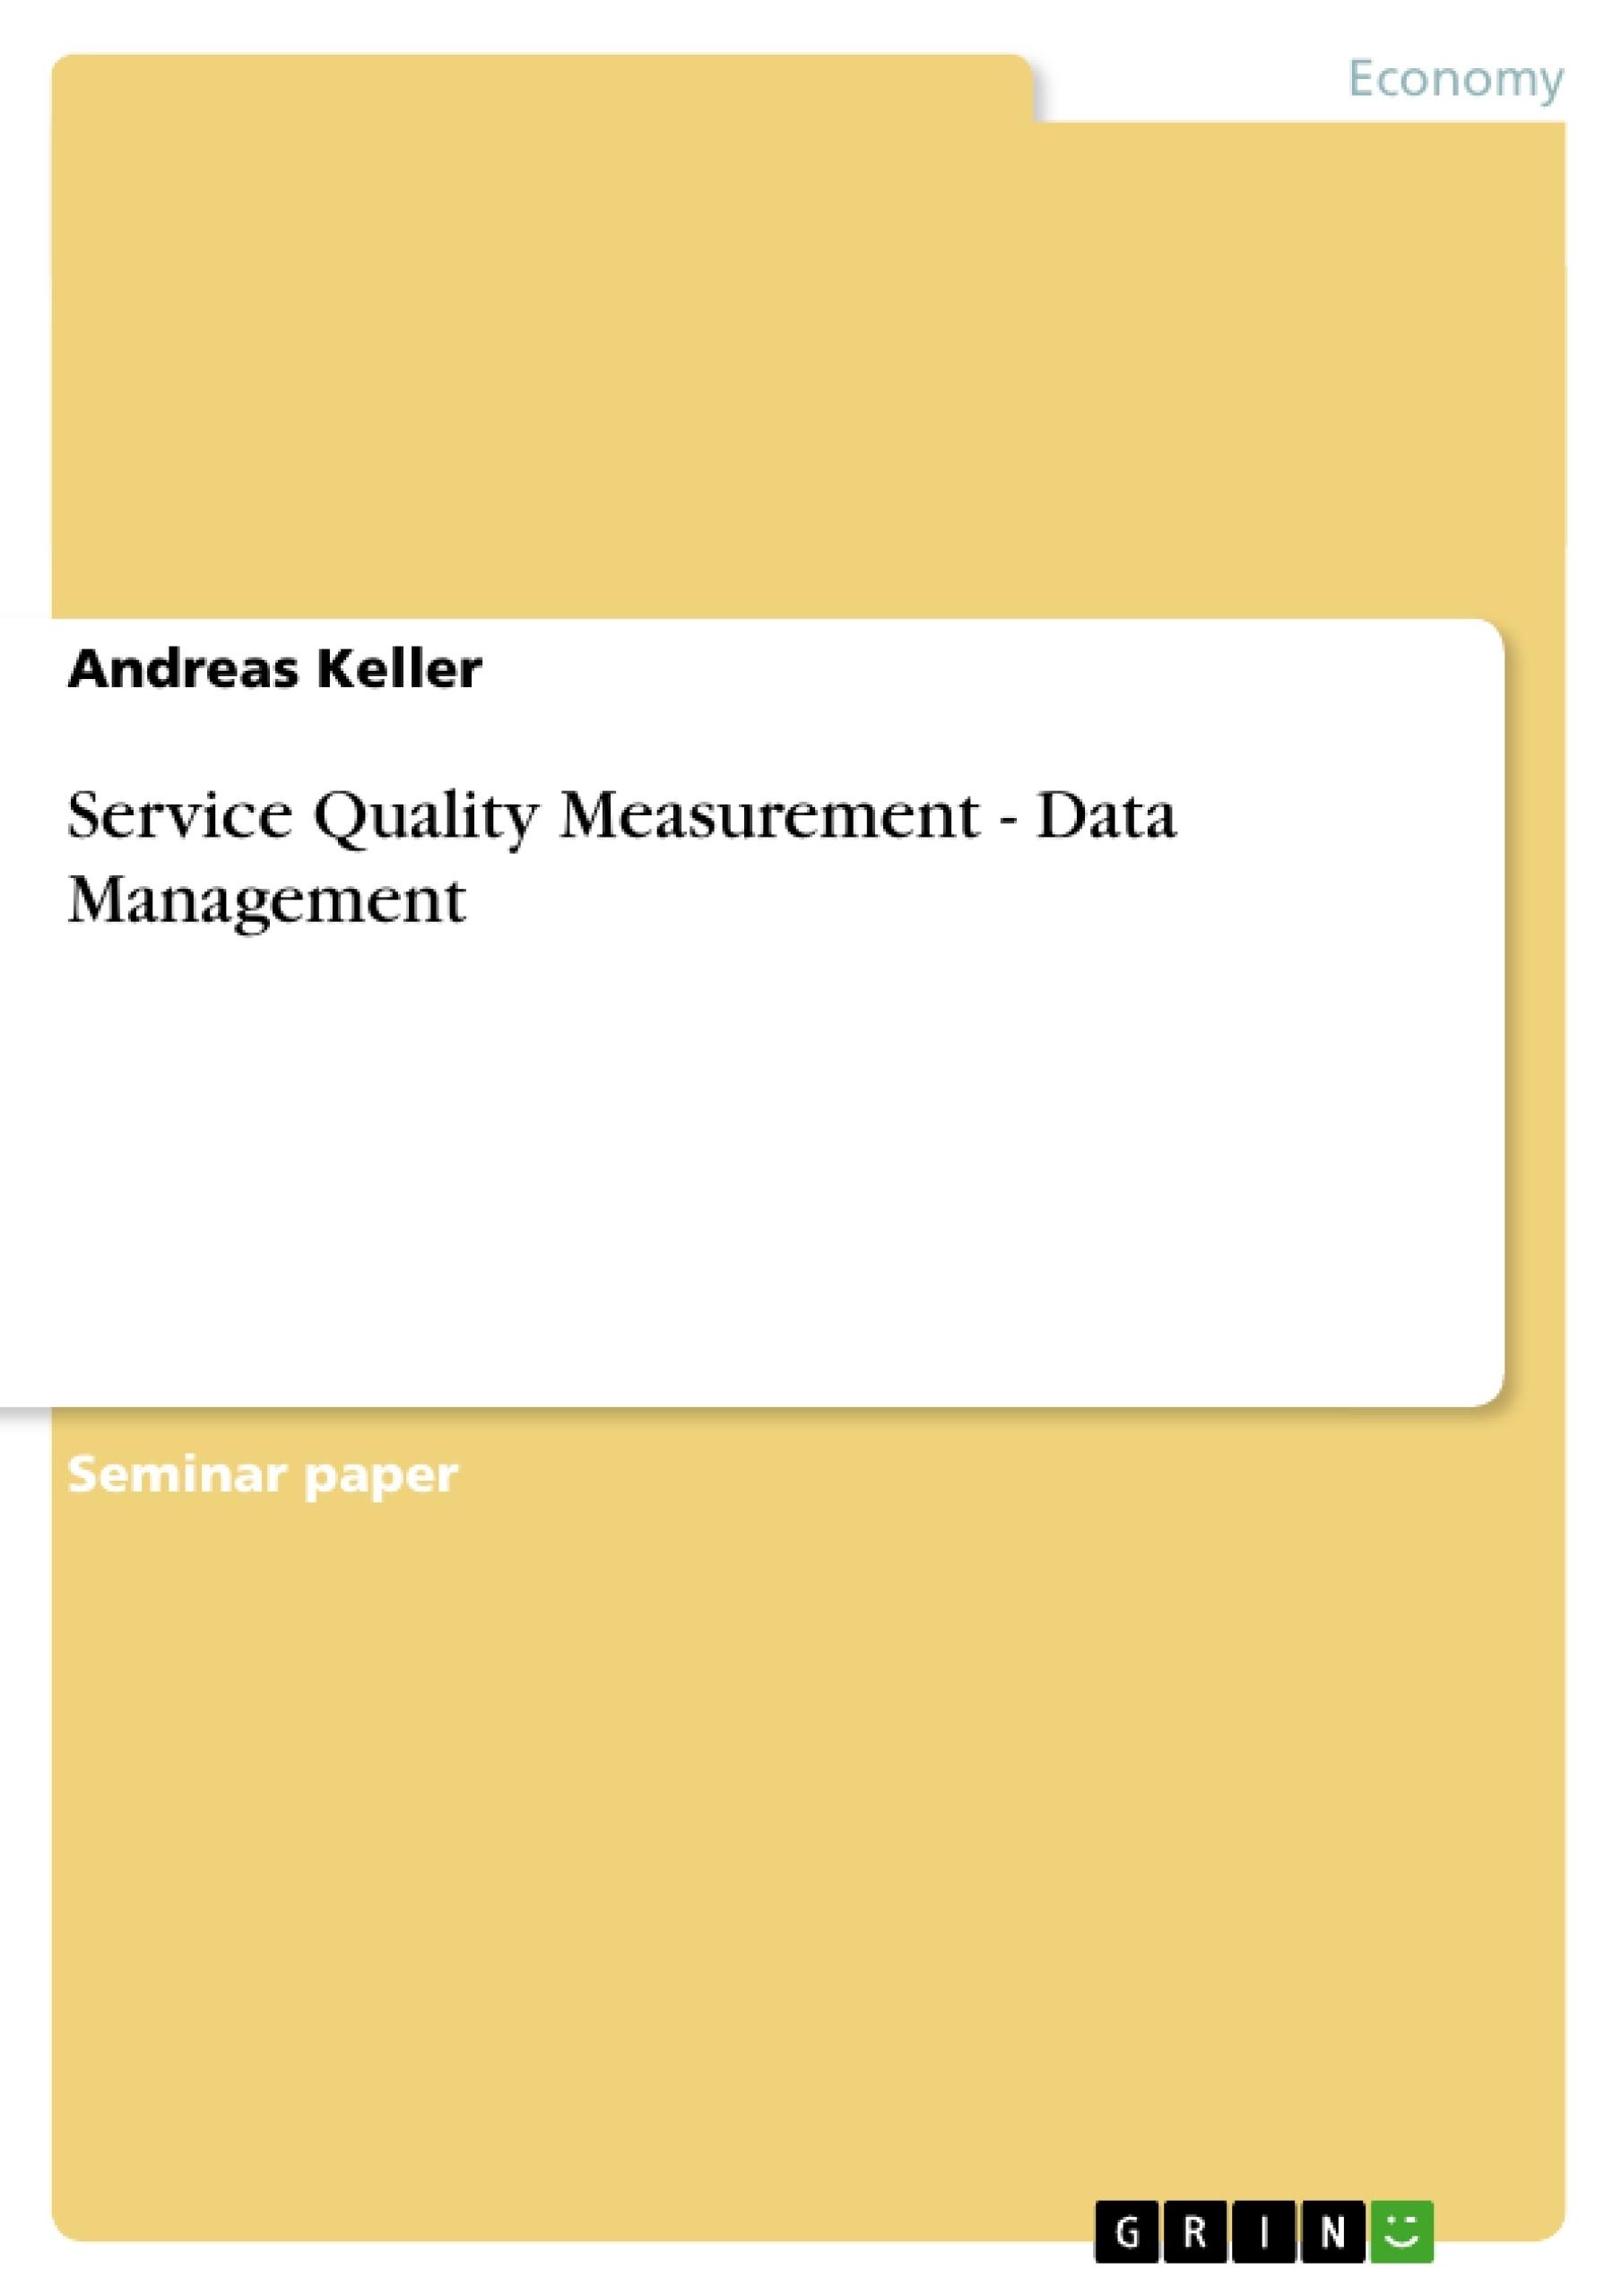 Title: Service Quality Measurement - Data Management